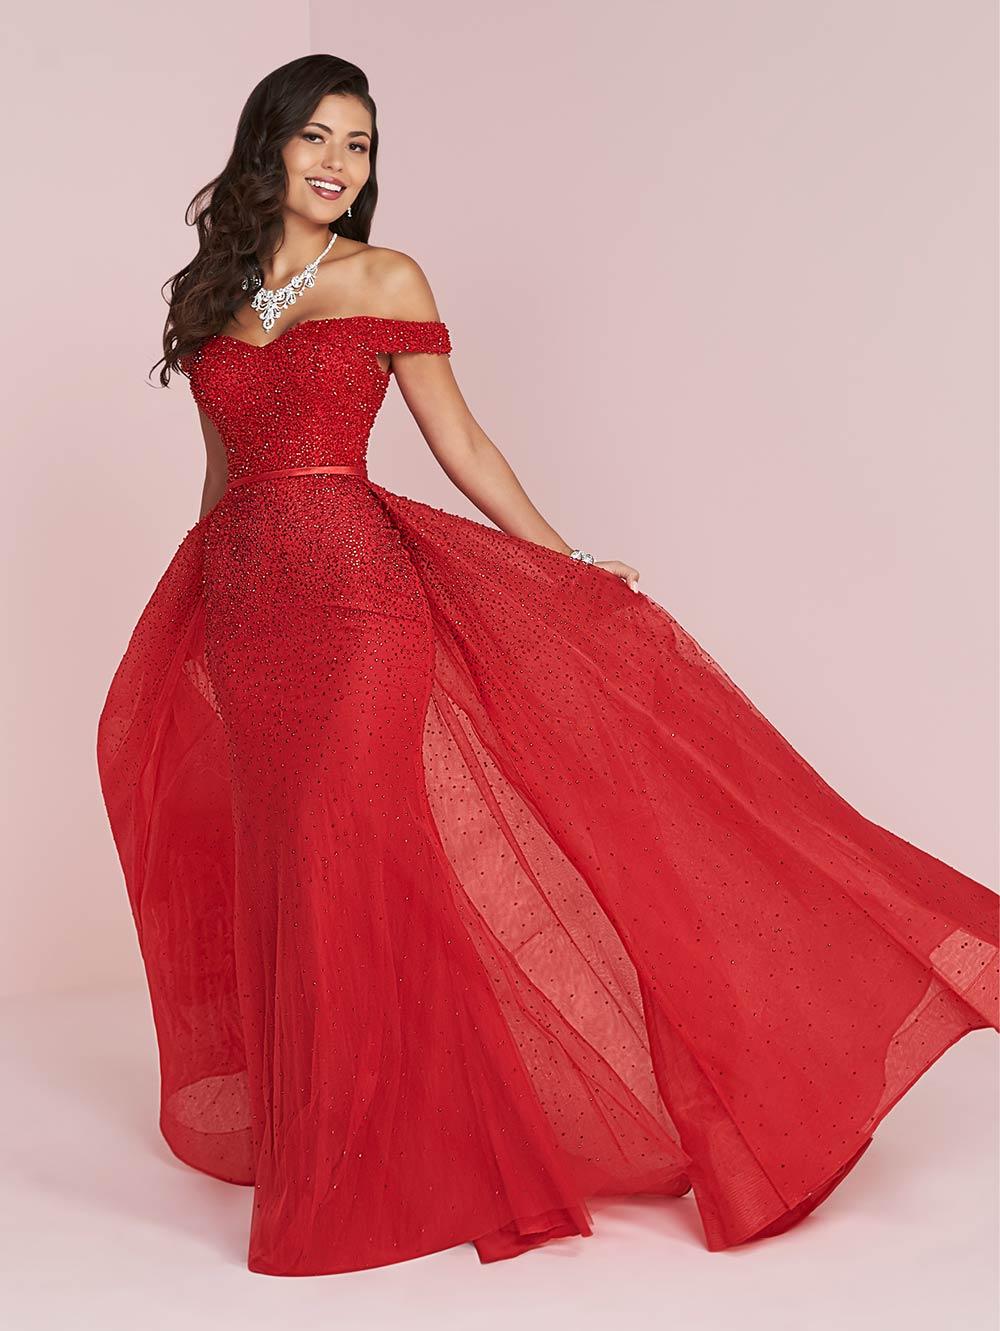 prom-dresses-jacquelin-bridals-canada-27609